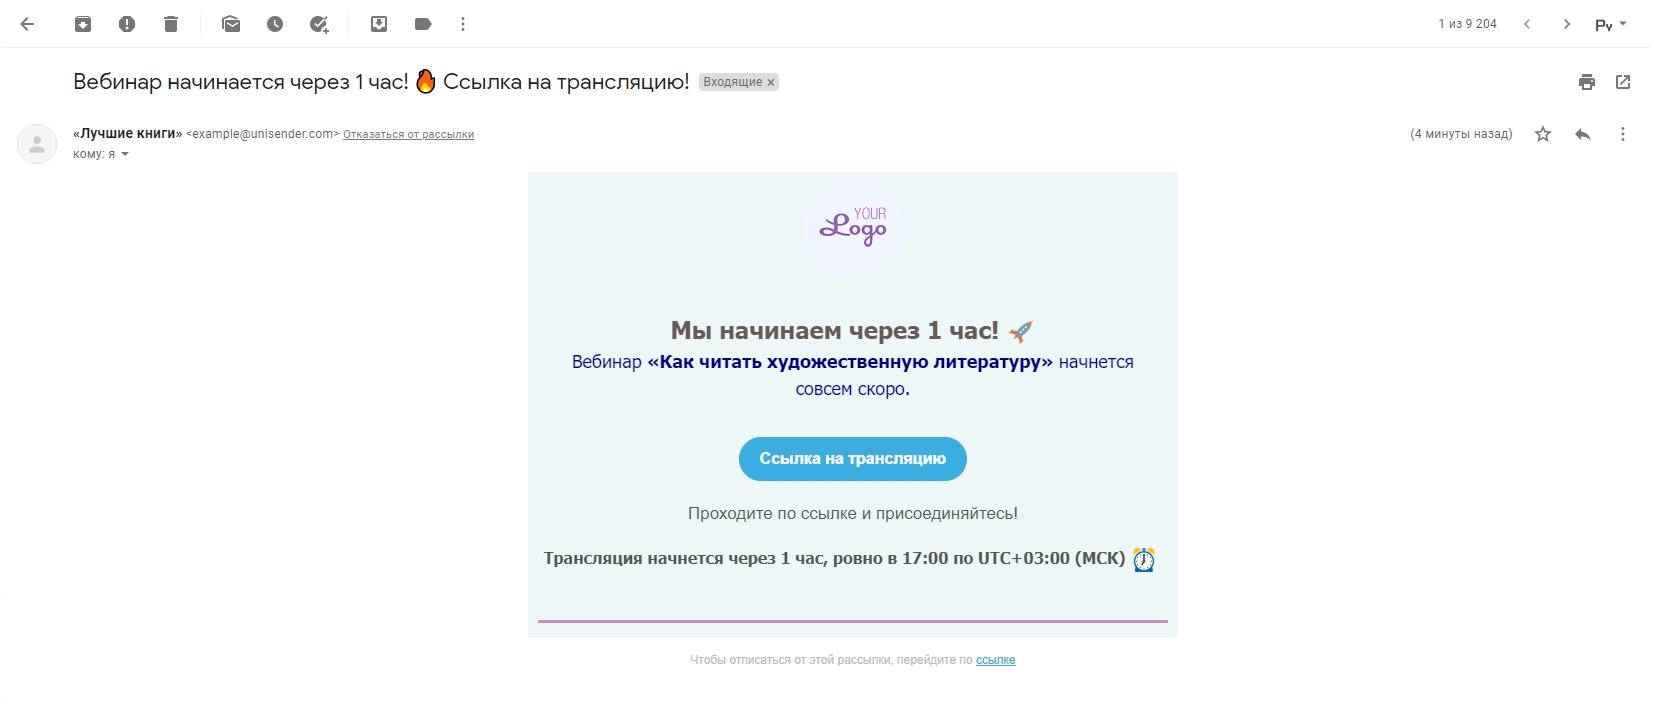 Пример письма, отправленного получателям за 1 час до начала трансляции